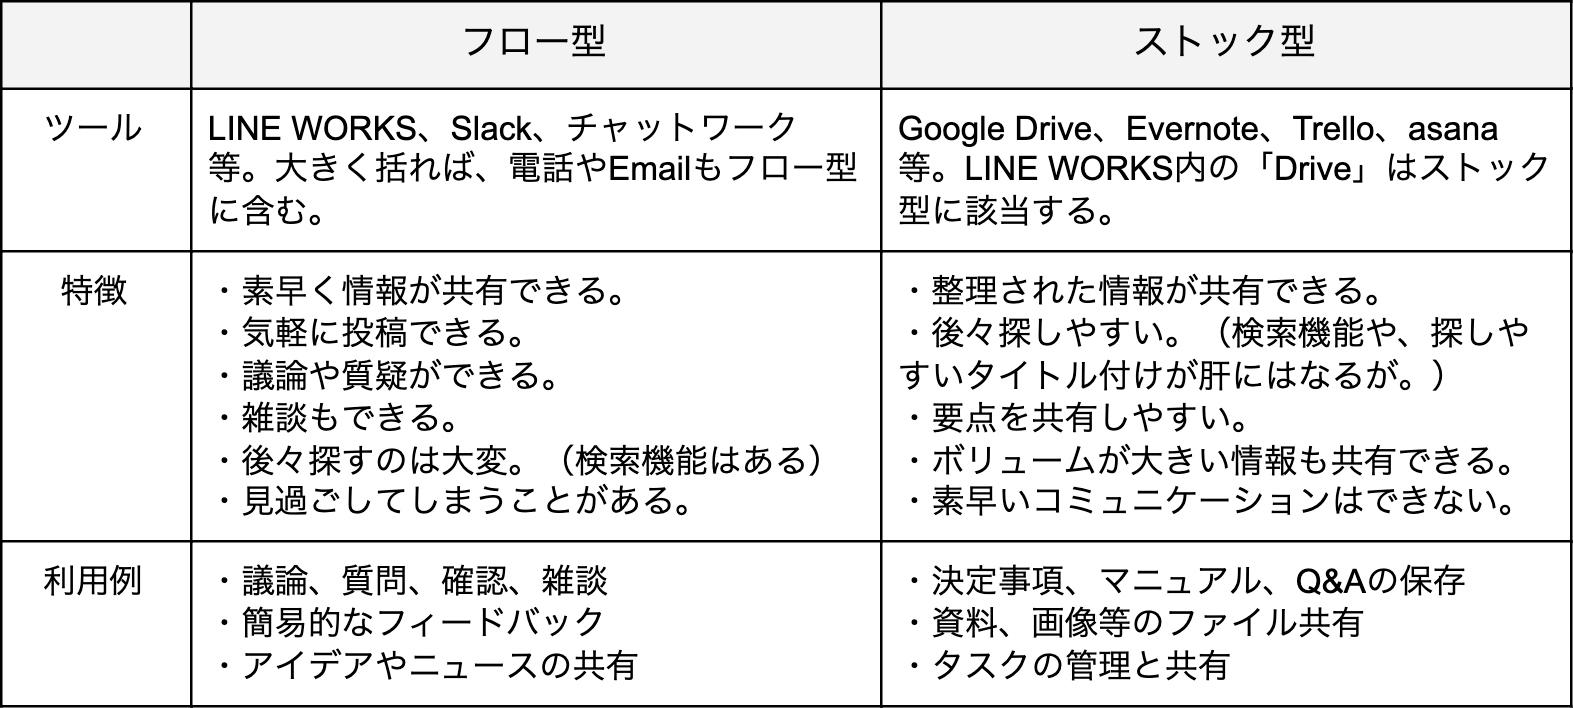 コミュニケーションツール「フロー型」と「ストック型」それぞれのメリット・デメリット